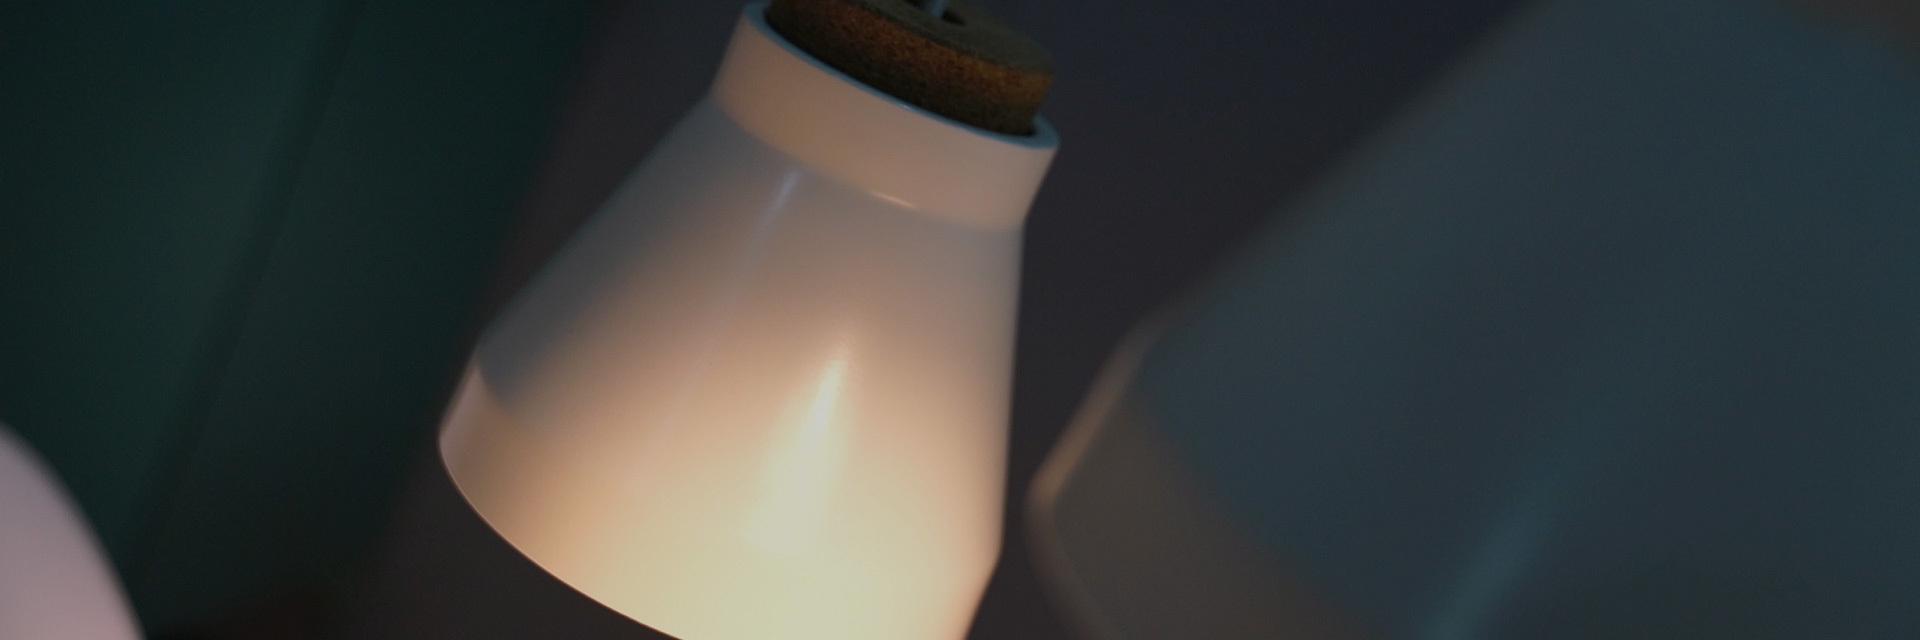 昼夜轮转诗意,把盏向晚柔光